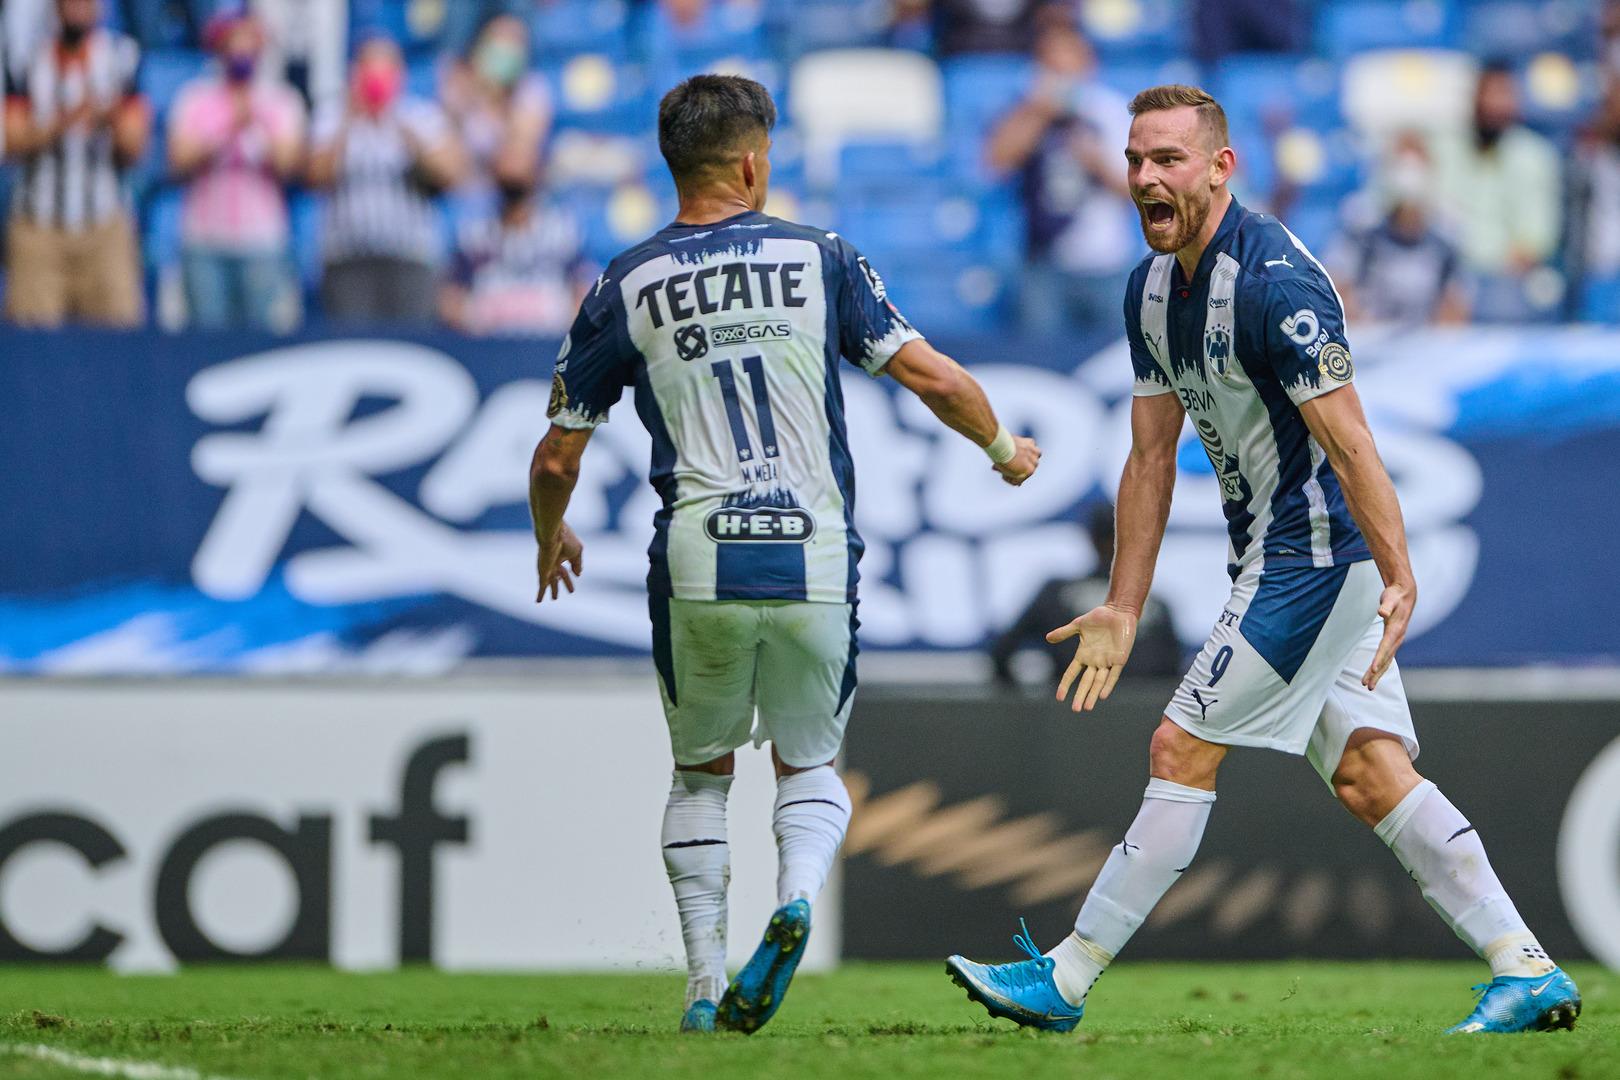 Monterrey goleó al Columbus Crew y clasifica a semifinales de la Concachampions.